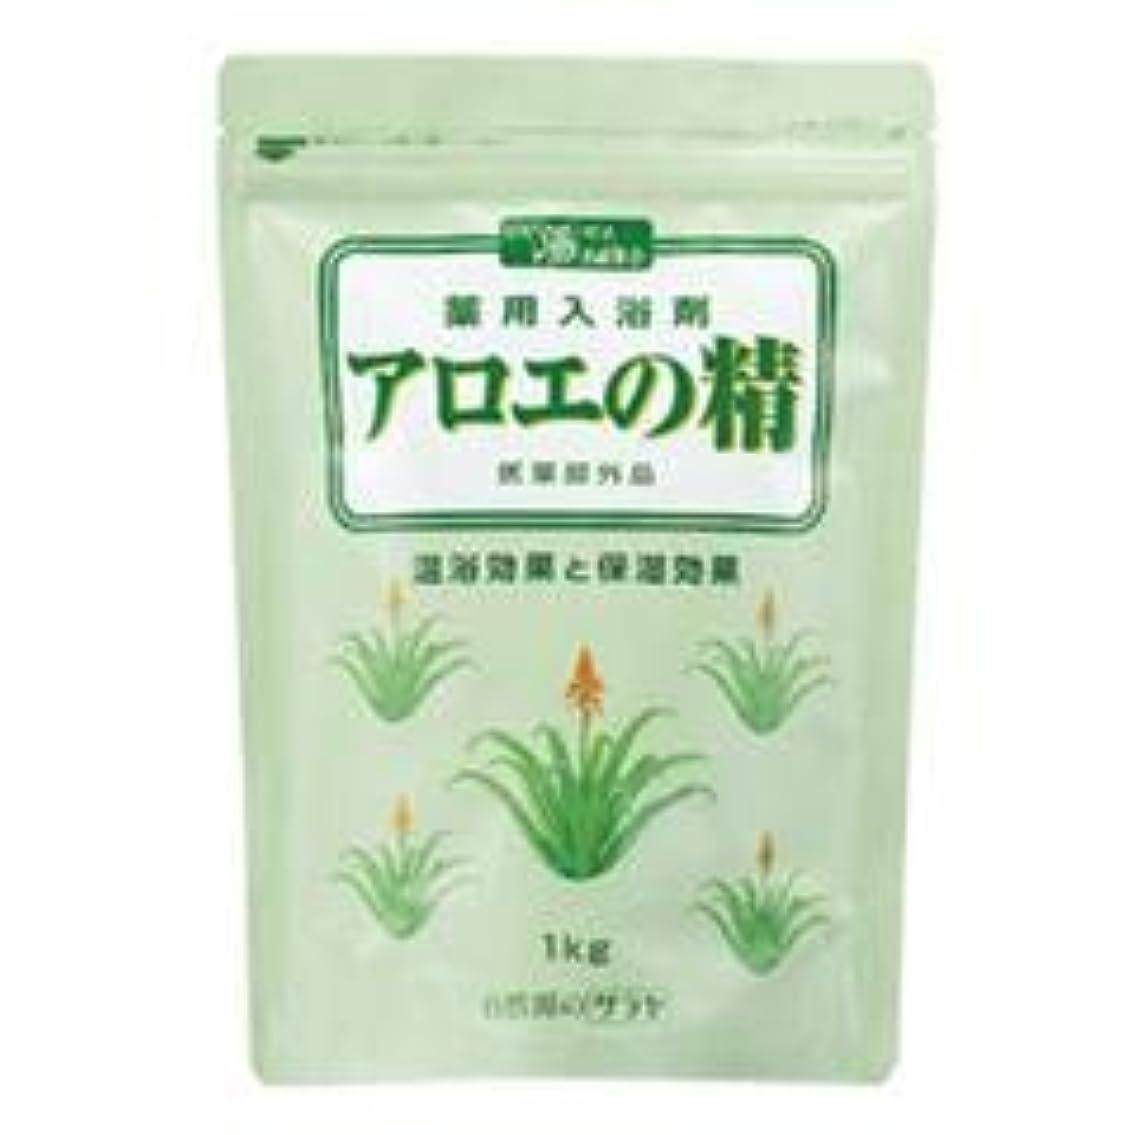 雑品ナイロン性格サラヤ 薬用入浴剤 アロエの精 チャック付 1kg